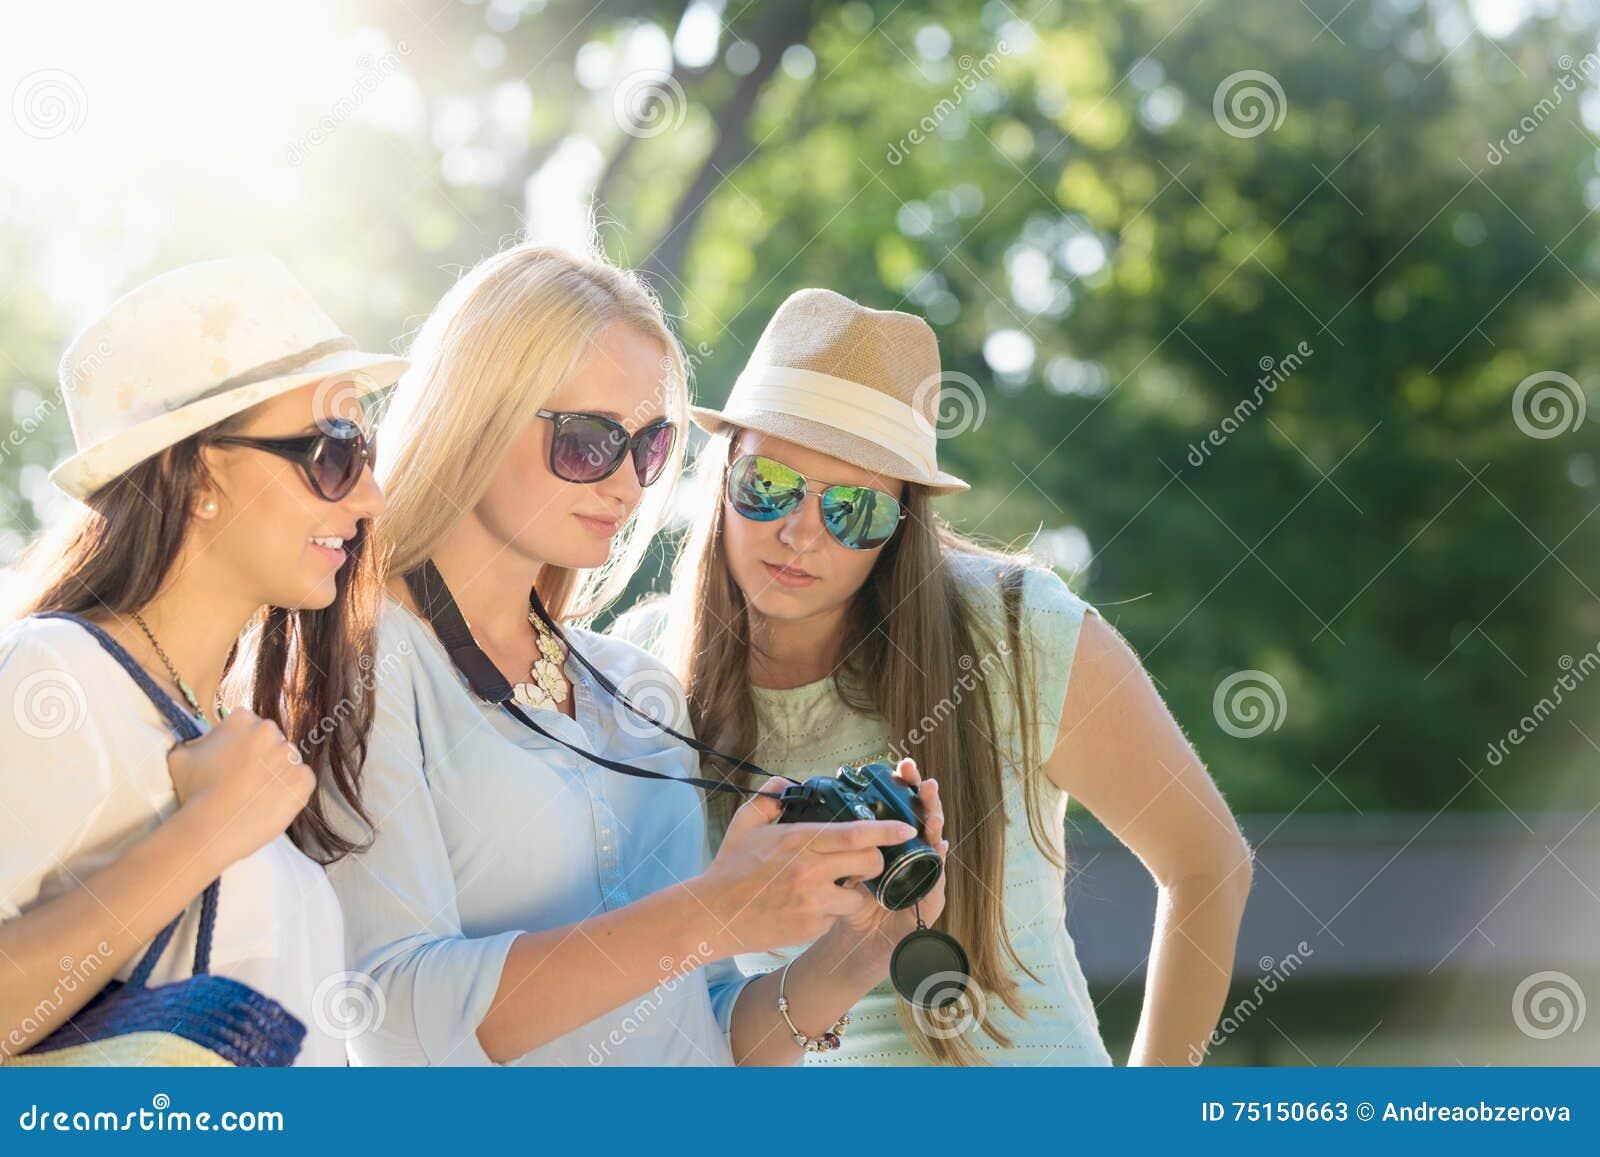 Κορίτσια που εξετάζουν τις φωτογραφίες στη κάμερα τους στις καλοκαιρινές διακοπές